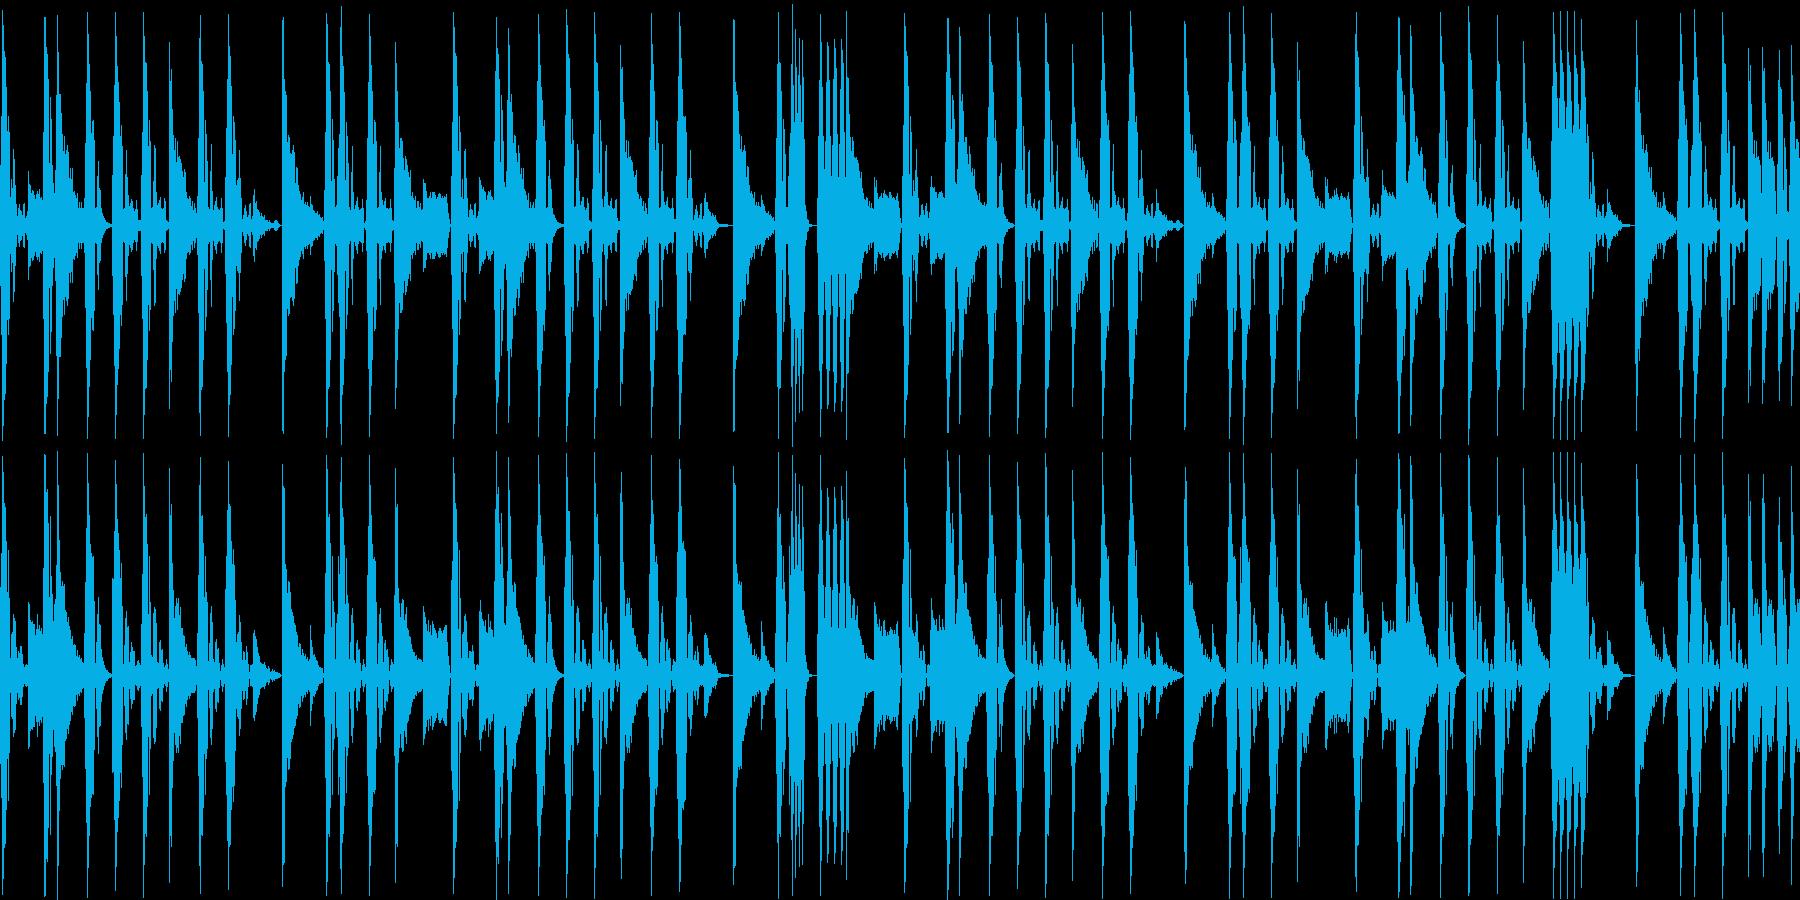 ノリの良いブレークビーツ_004の再生済みの波形